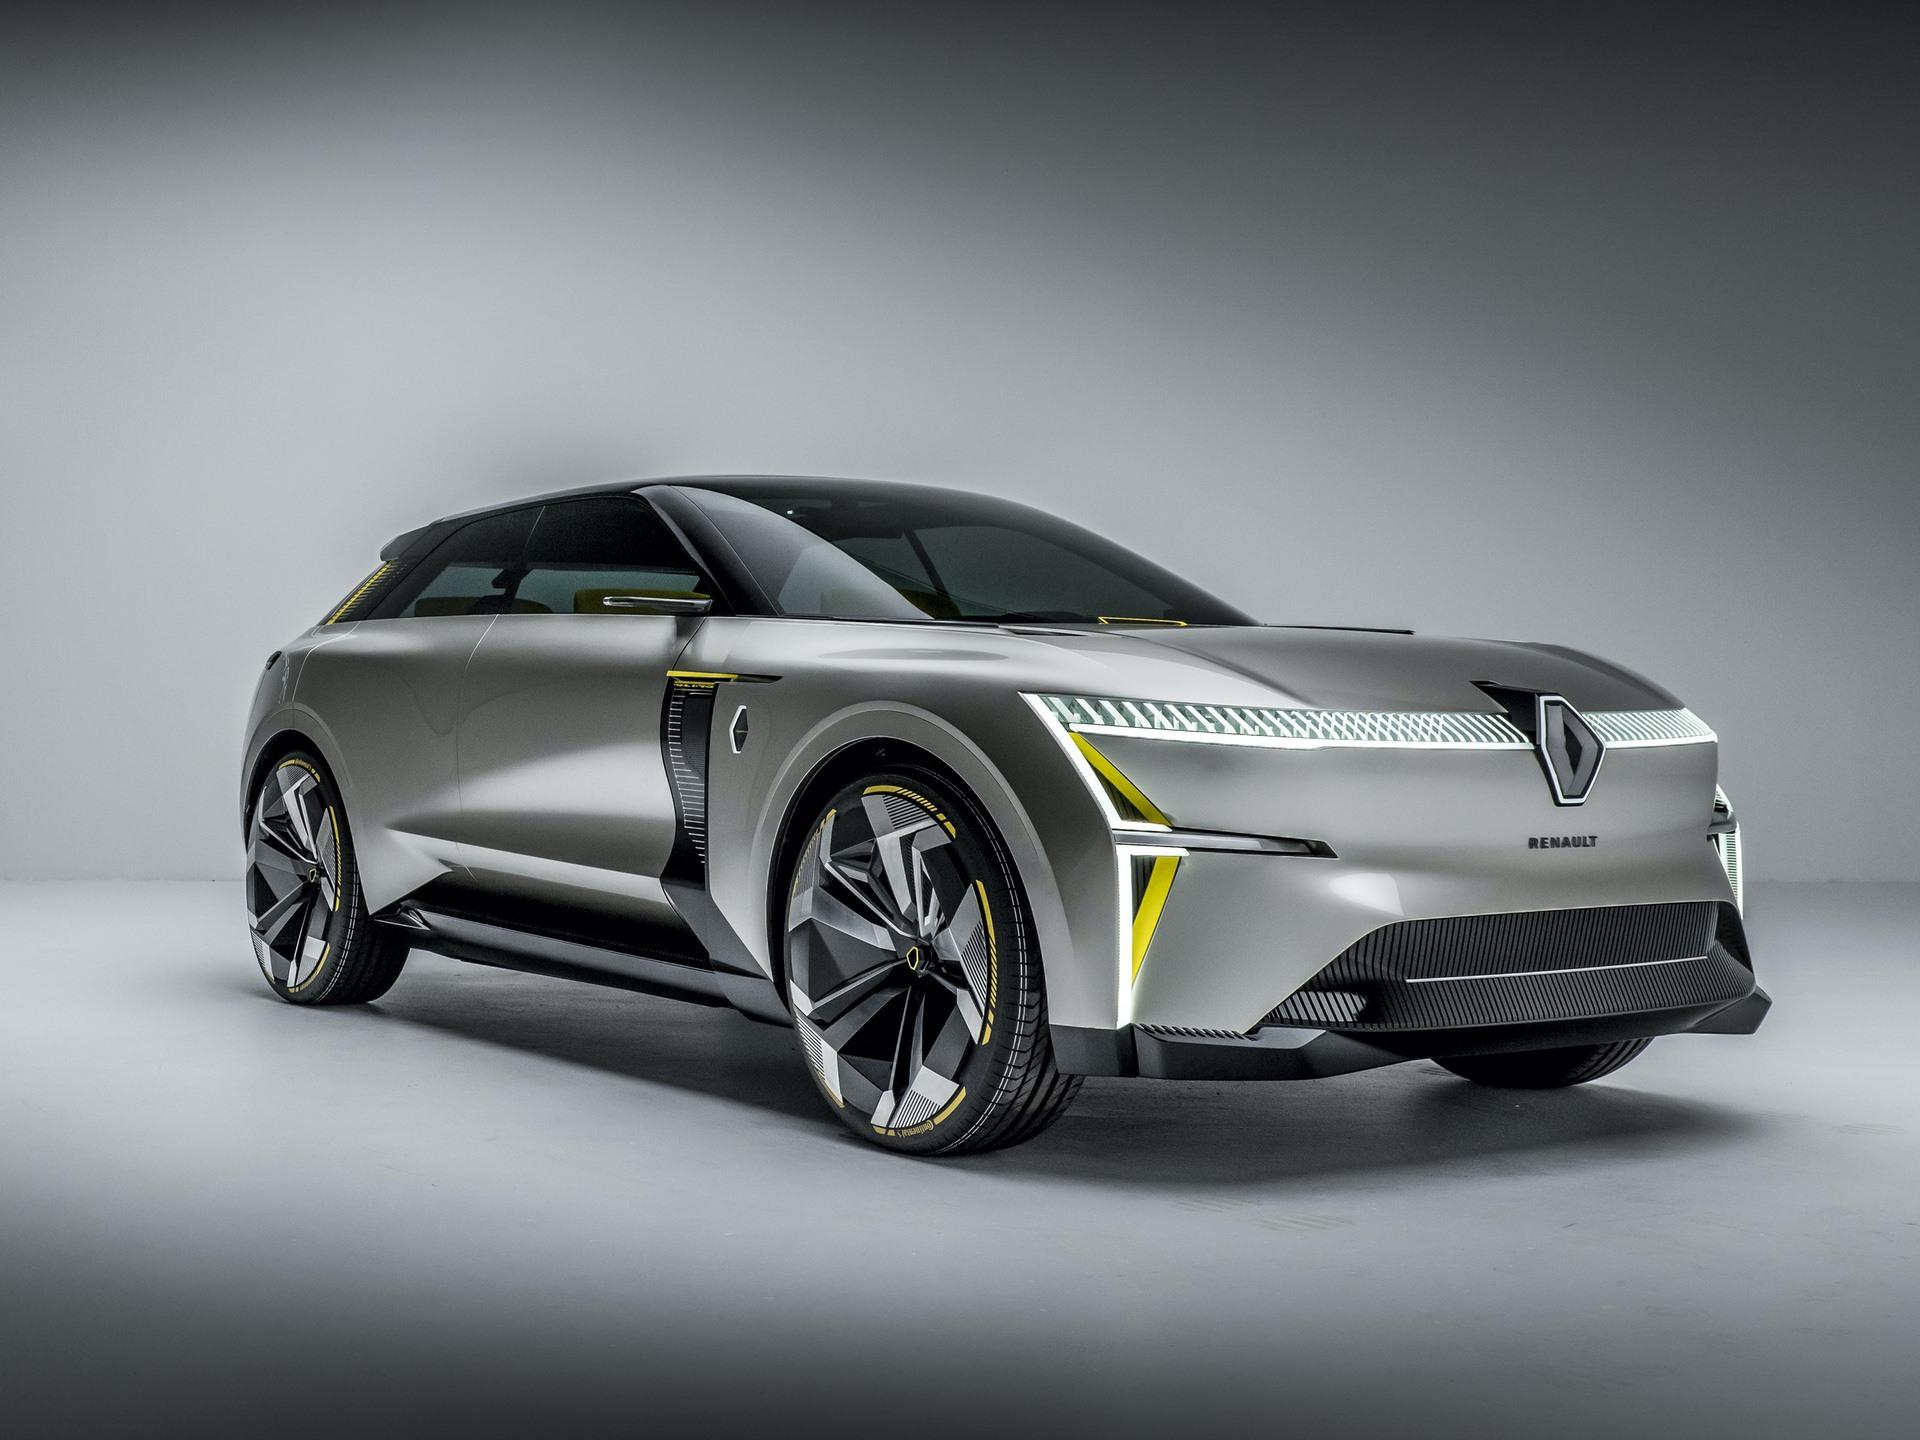 Renault_Morphoz_concept_0064